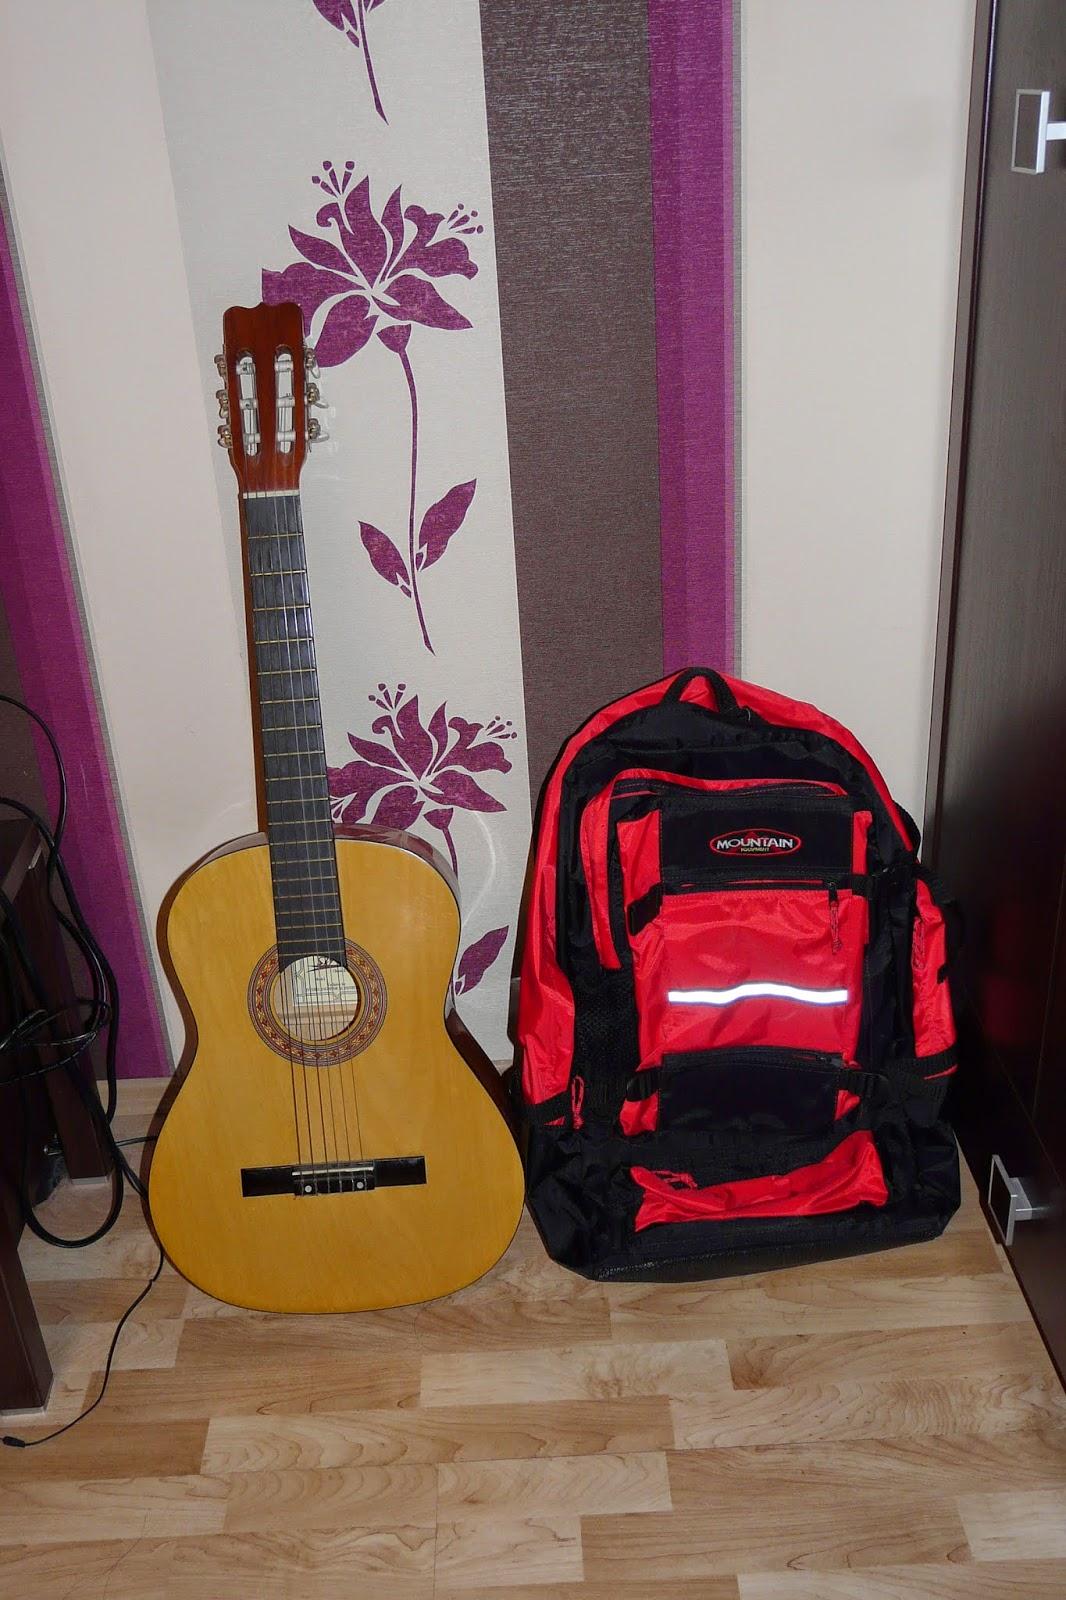 9fa81ae0dc47a Jest to mniej więcej taki plecak, jak widać na zdjęciu po lewej (w  zestawieniu ze standardowej wielkości gitarą).